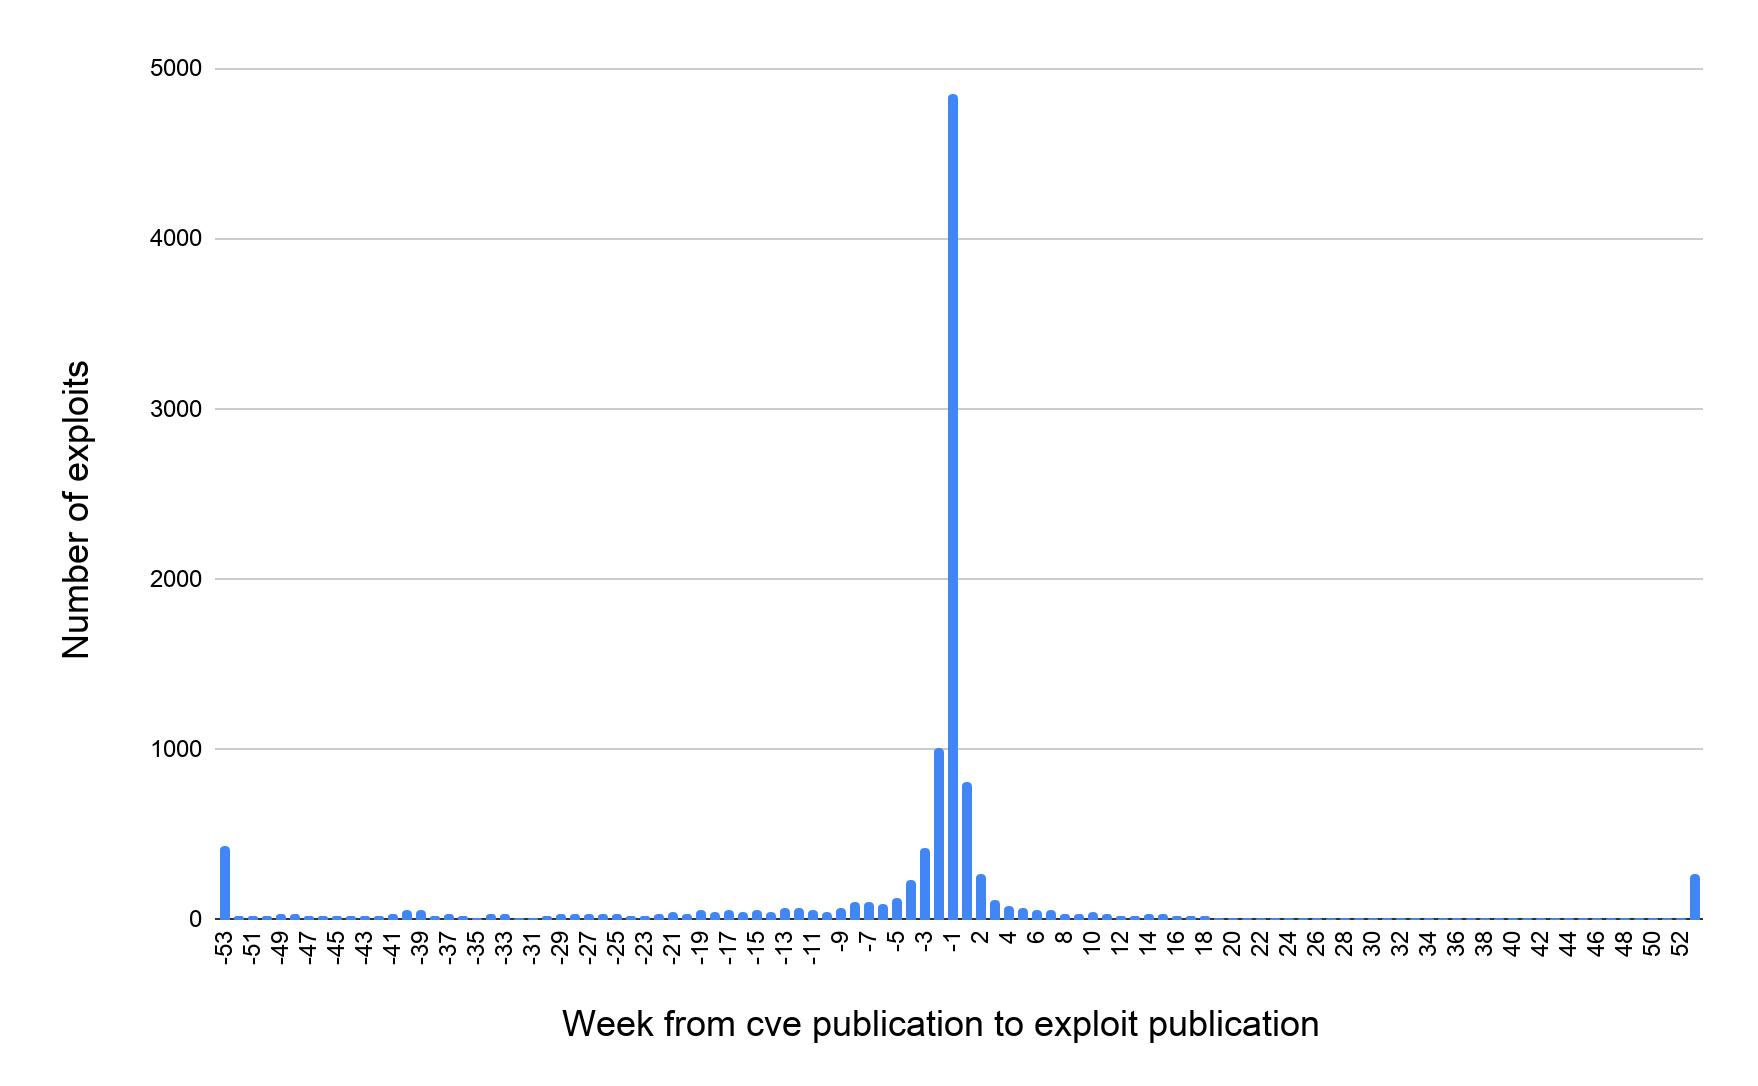 エクスプロイト数(Y軸)に対するCVE公開からエクスプロイト公開までの経過週数(X軸)